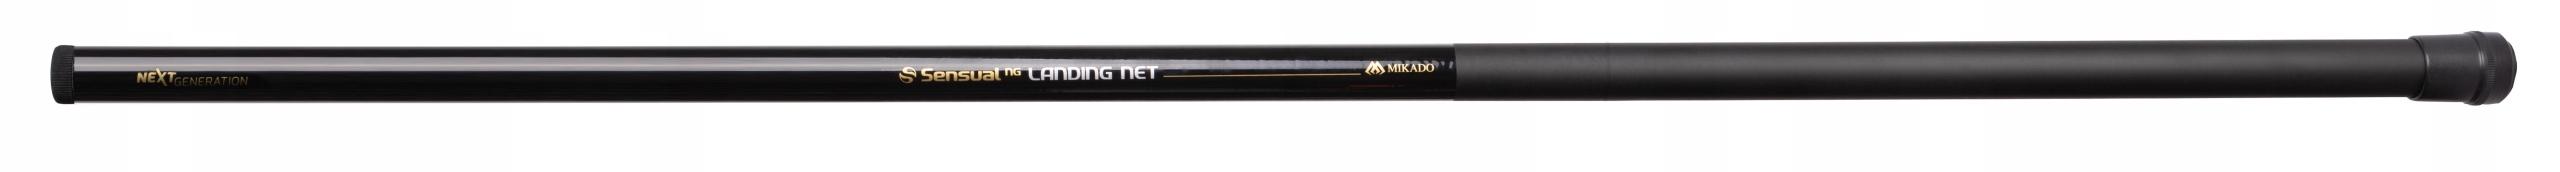 MIKADO Sztyca do podbieraka Sensual N.G. 300 / 3m